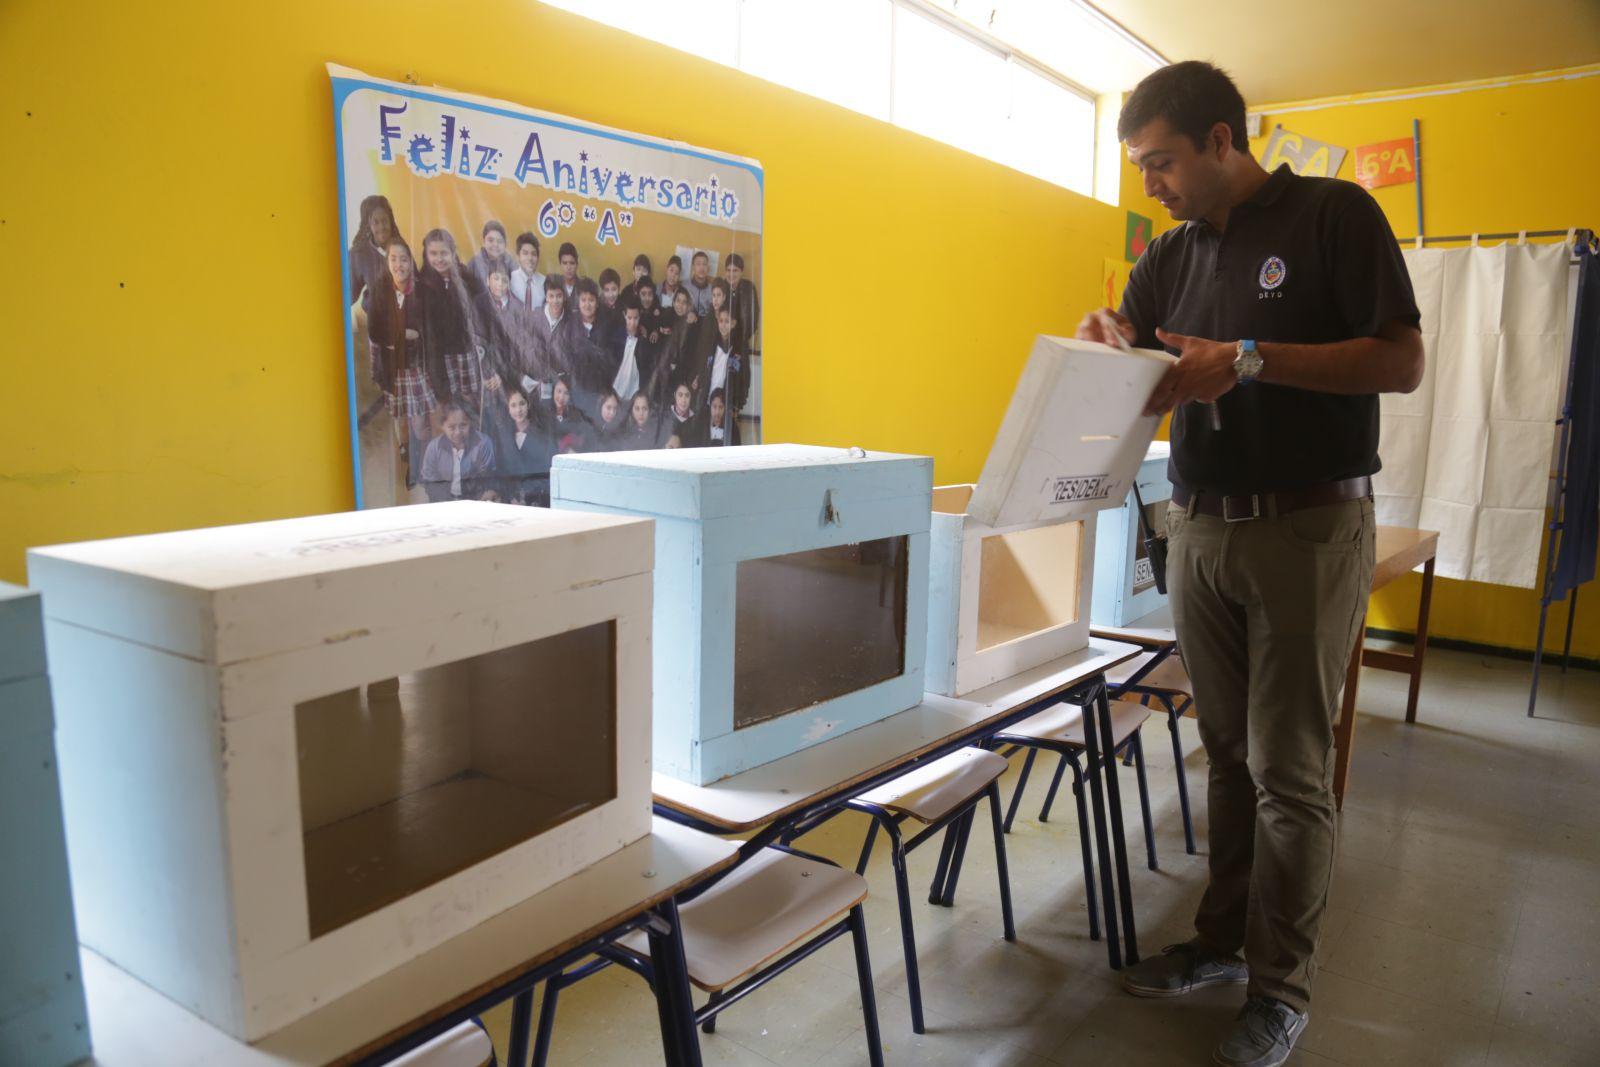 municipalidad-de-antofagasta-inicio-instalacion-de-urnas-y-casetas-a-2-dias-de-las-elecciones